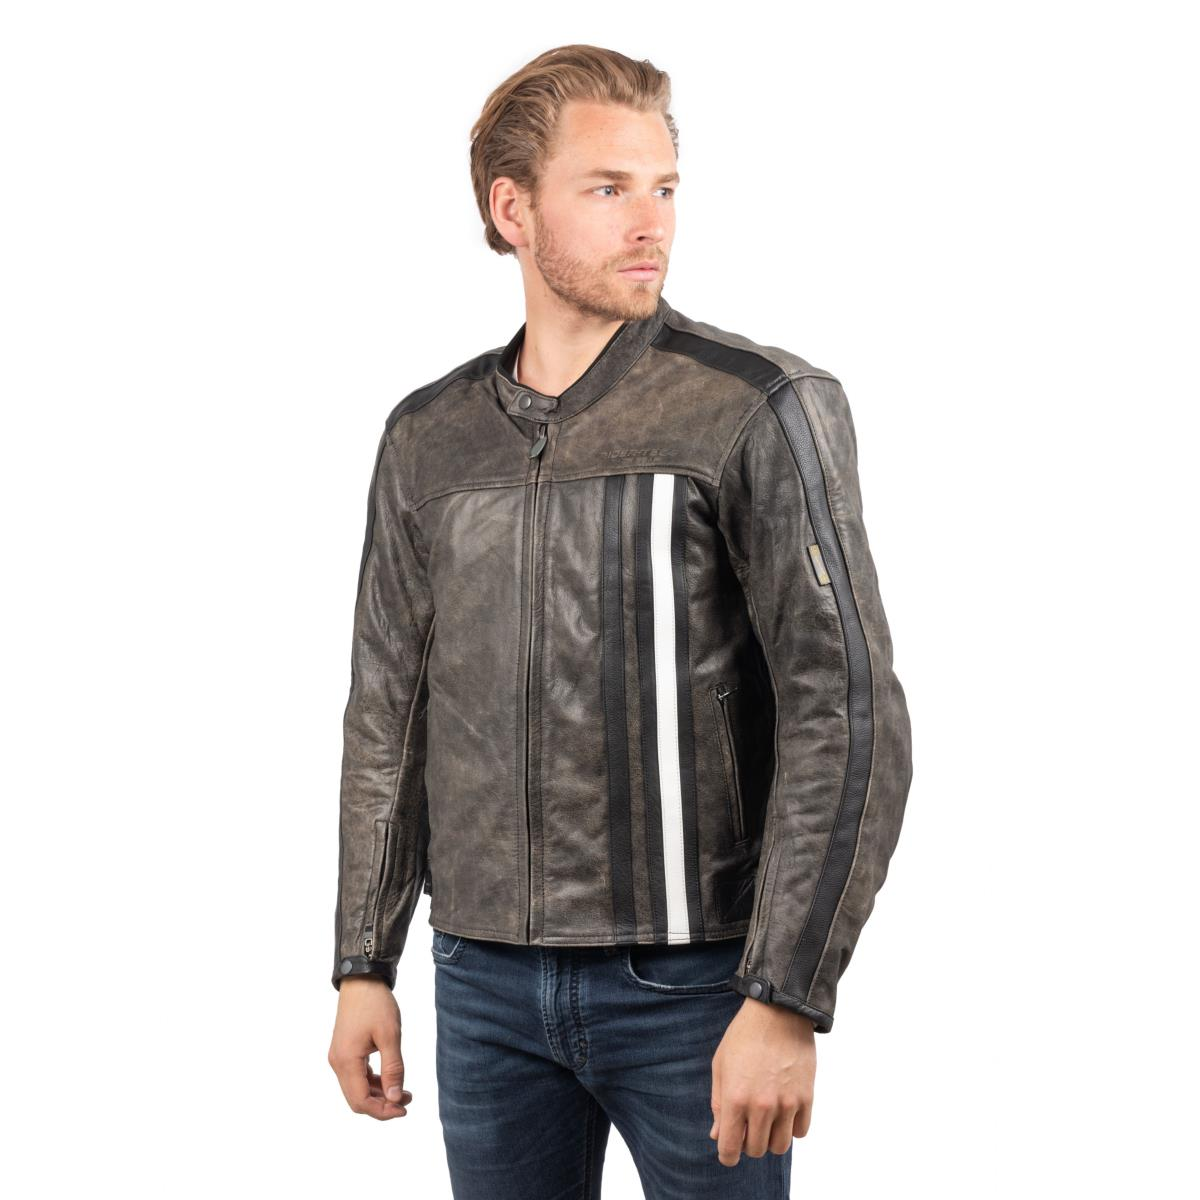 Blouson de Moto Homme Rétro Rider-Tec Cuir Gris & Blanc